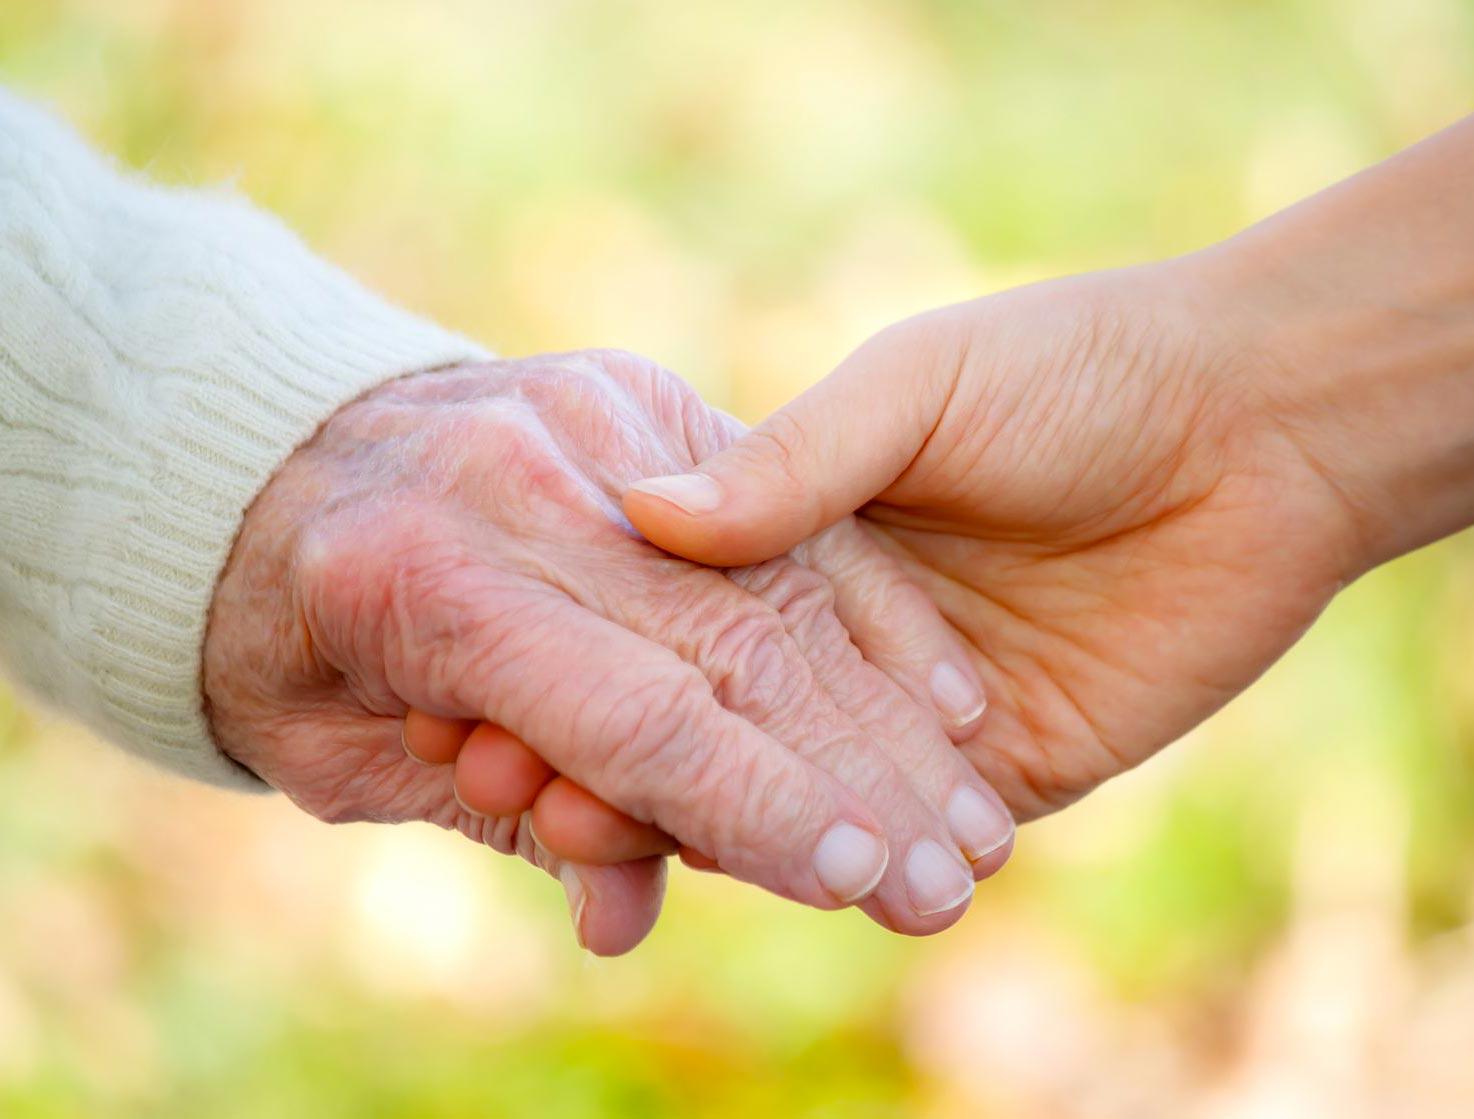 Asistencia a personas mayores y/o dependientes, Castro Urdiales